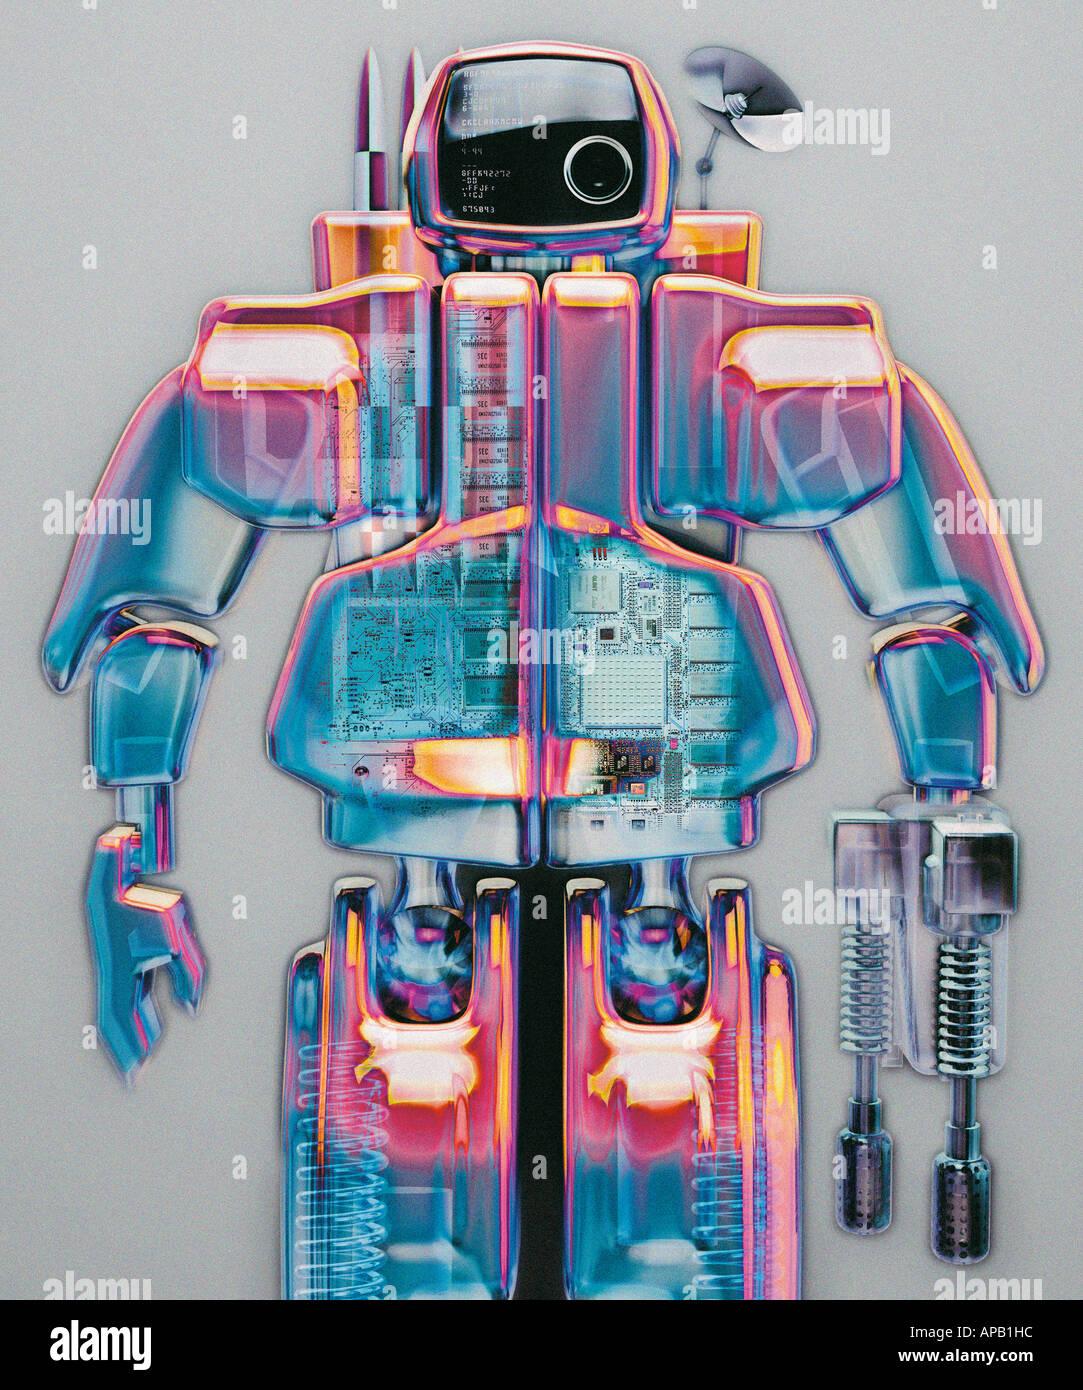 Image générée par ordinateur d'un robot bleu et rose Photo Stock